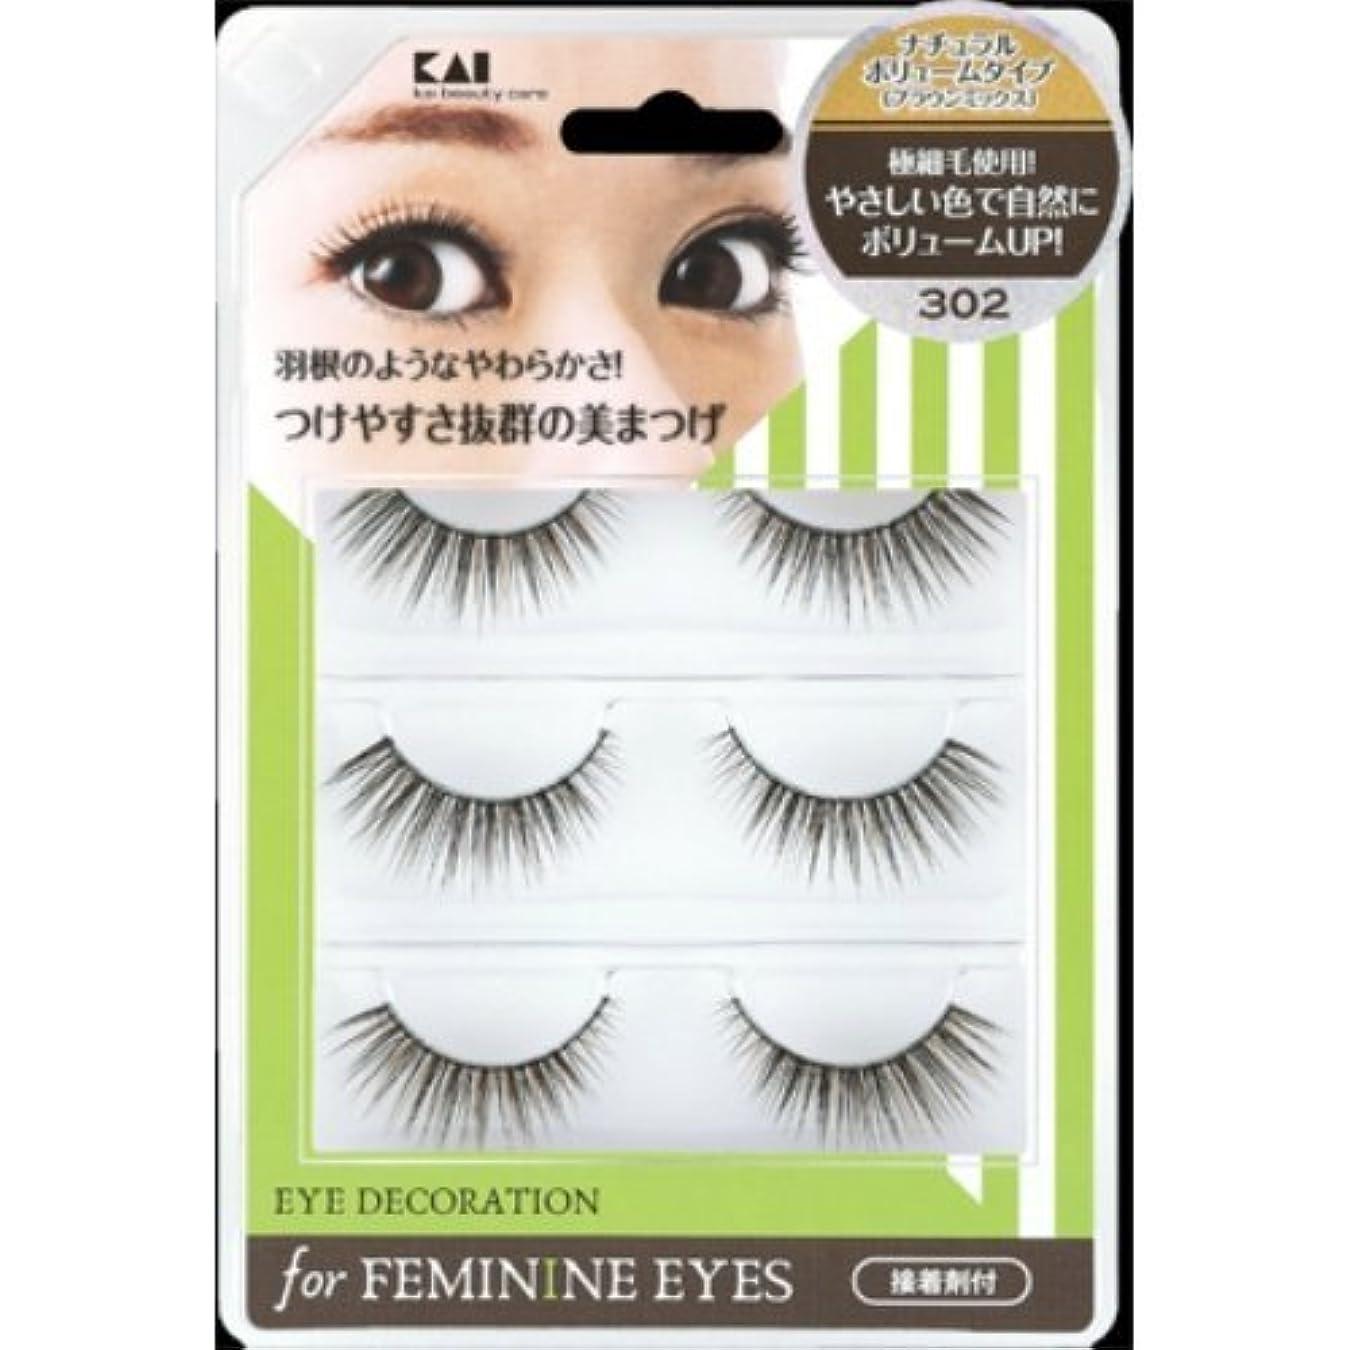 相対サイズ執着ハグ貝印 アイデコレーション for feminine eyes 302 HC1562